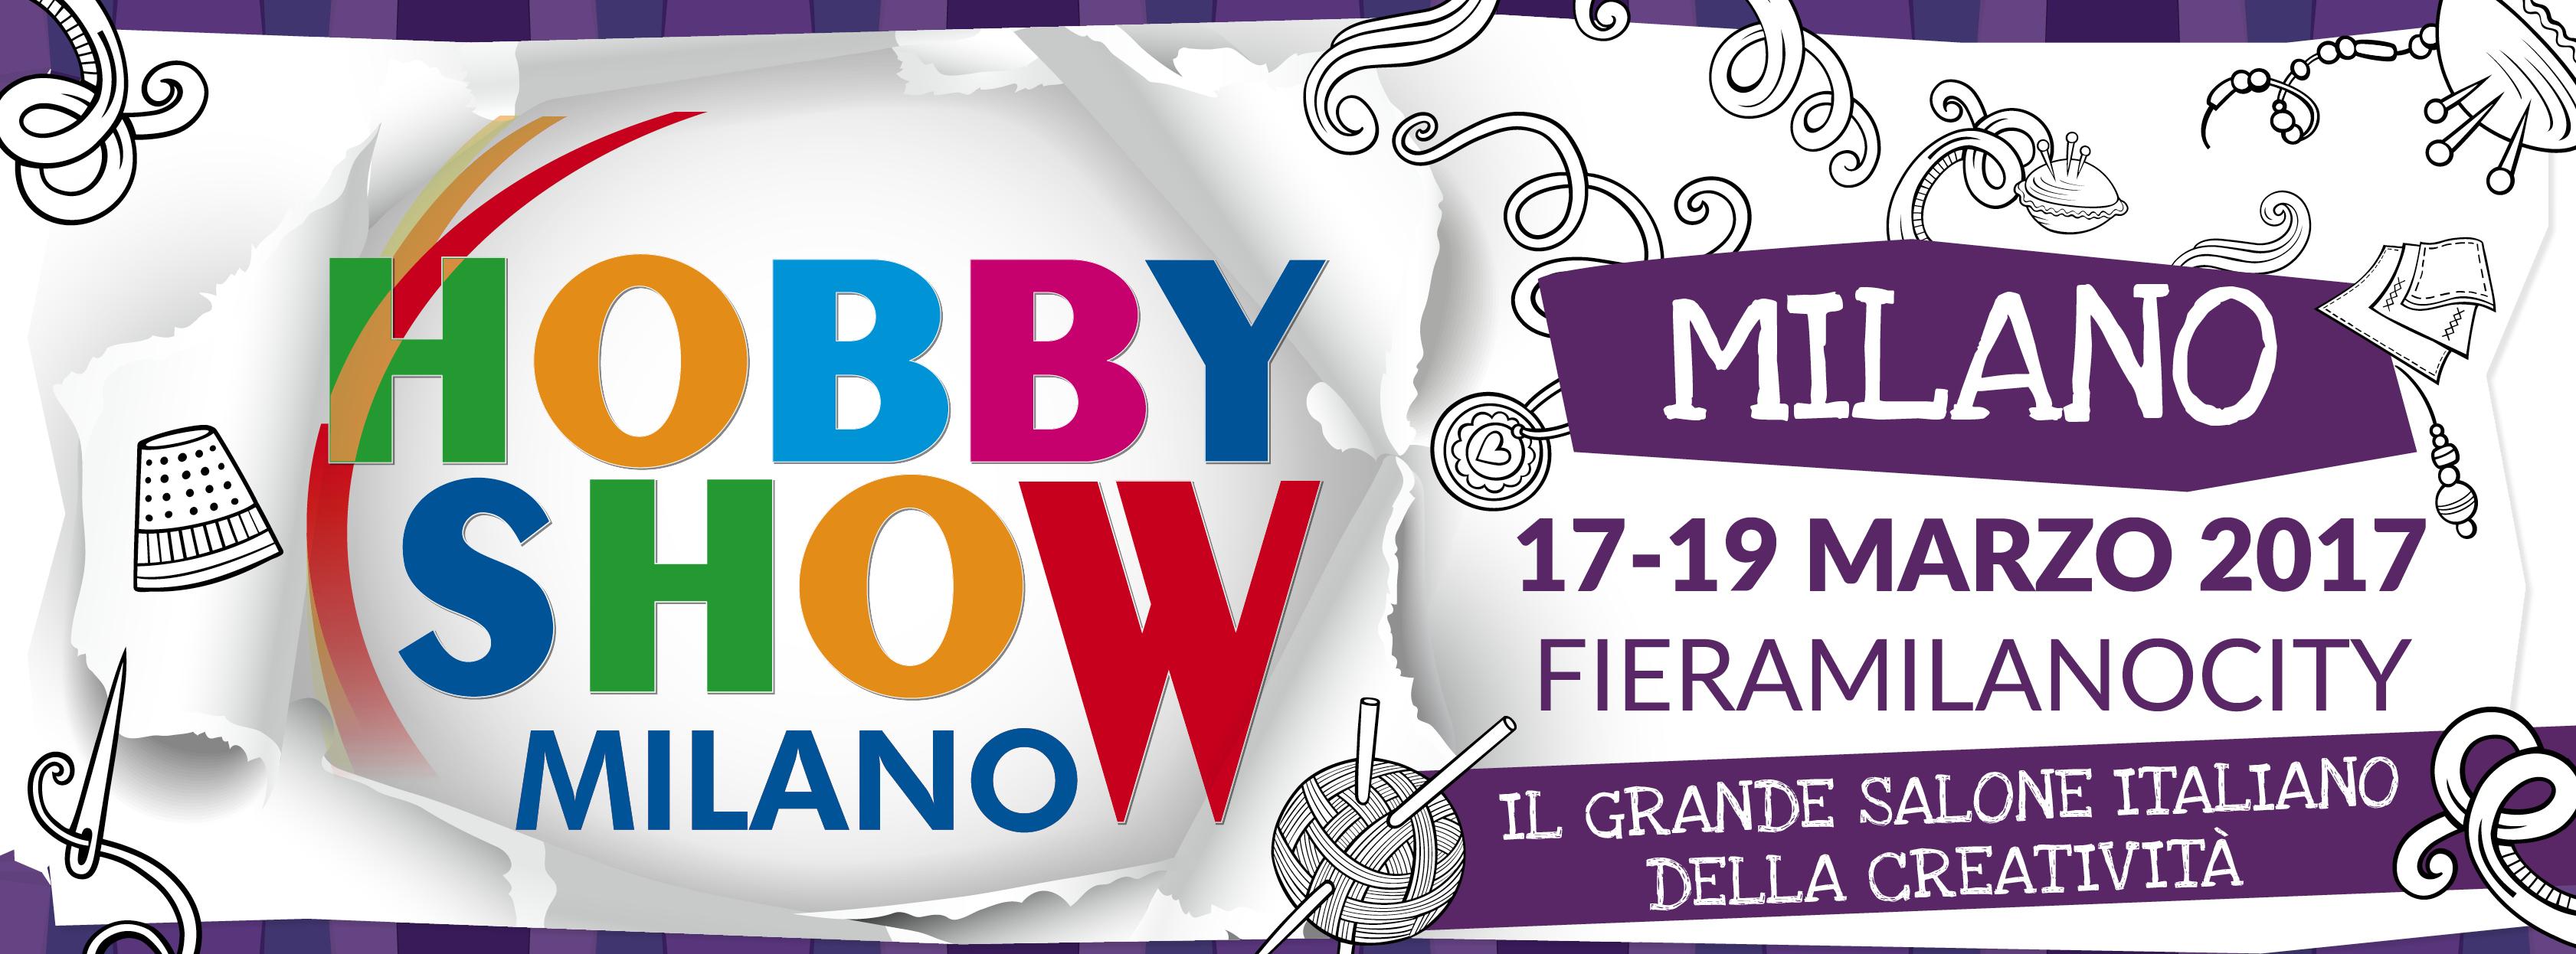 Hobby Show Milano marzo 2017